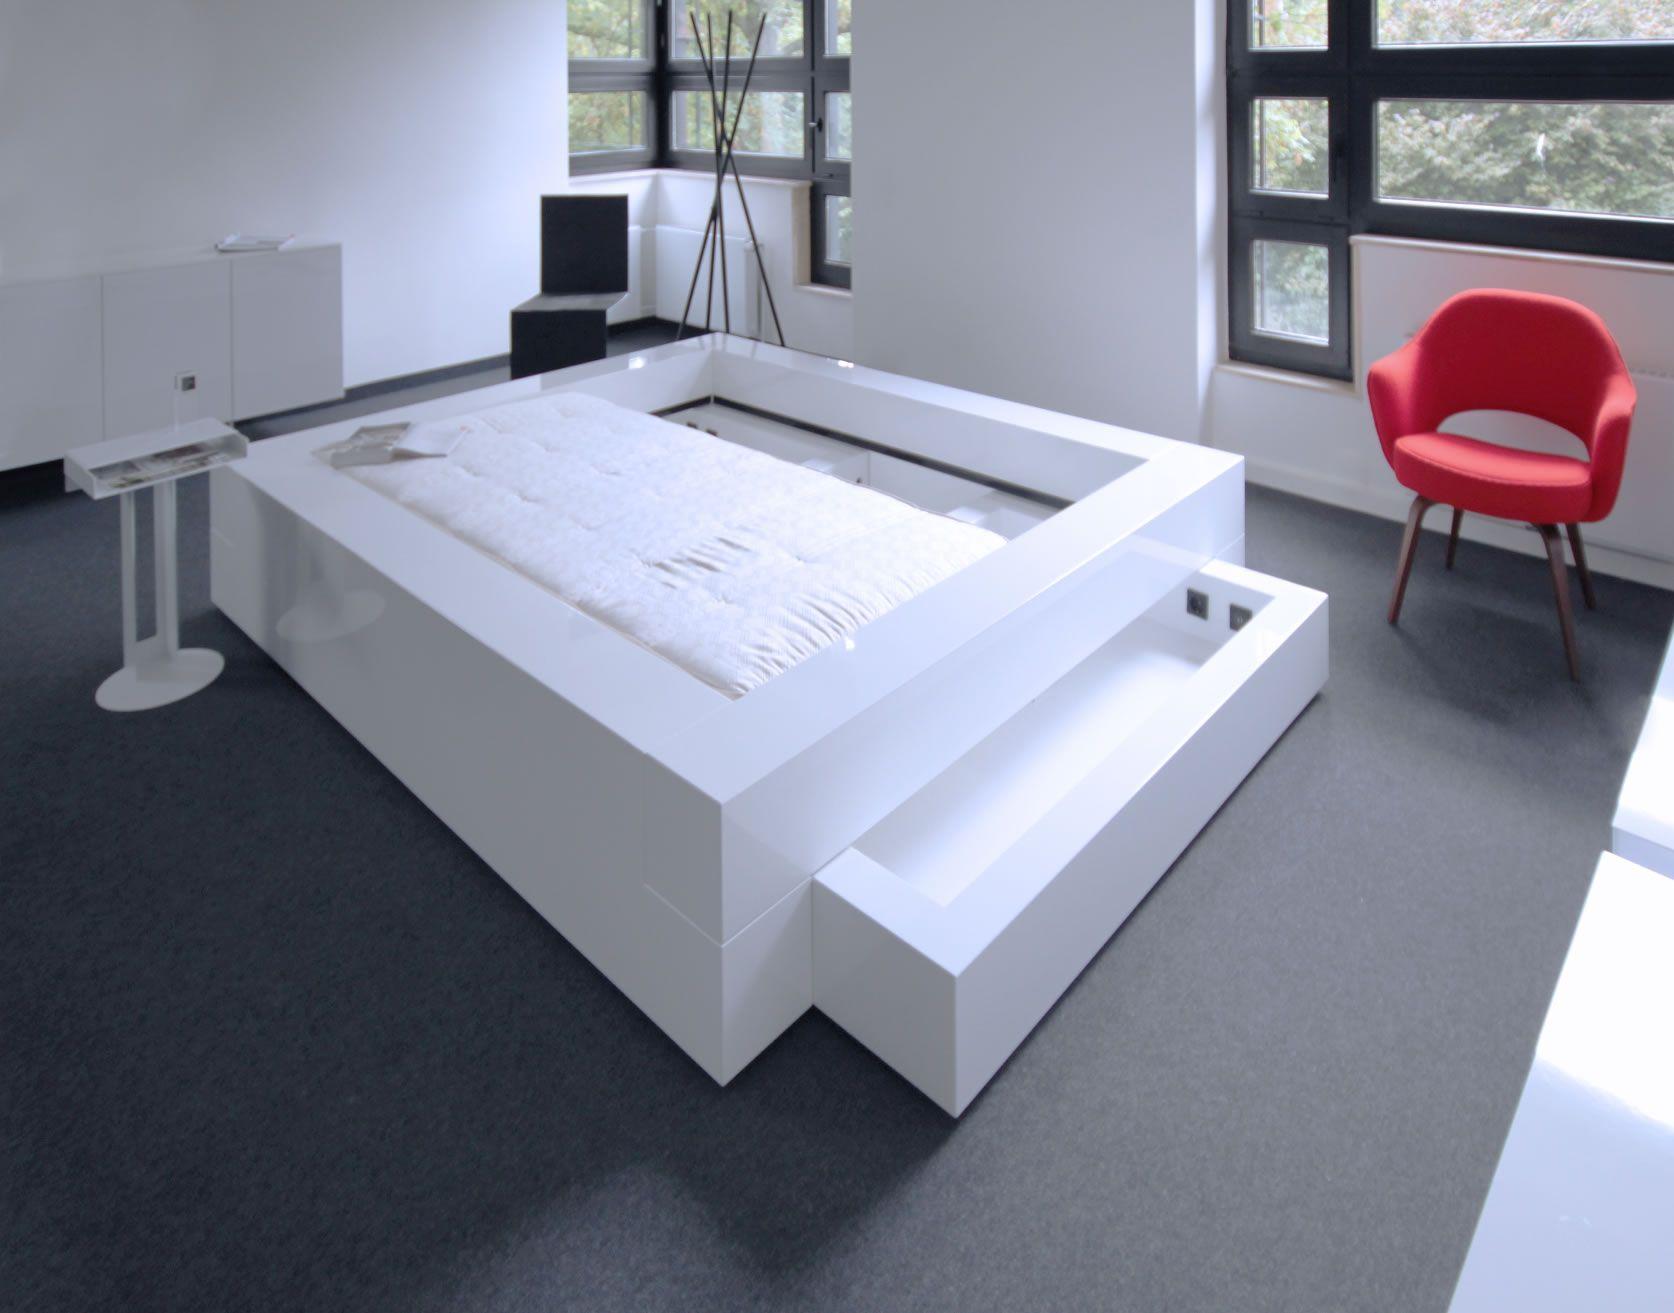 tolle bett 140x200 wei mit bettkasten - Fantastisch Tolles Dekoration Kinderbett Zum Ausziehen